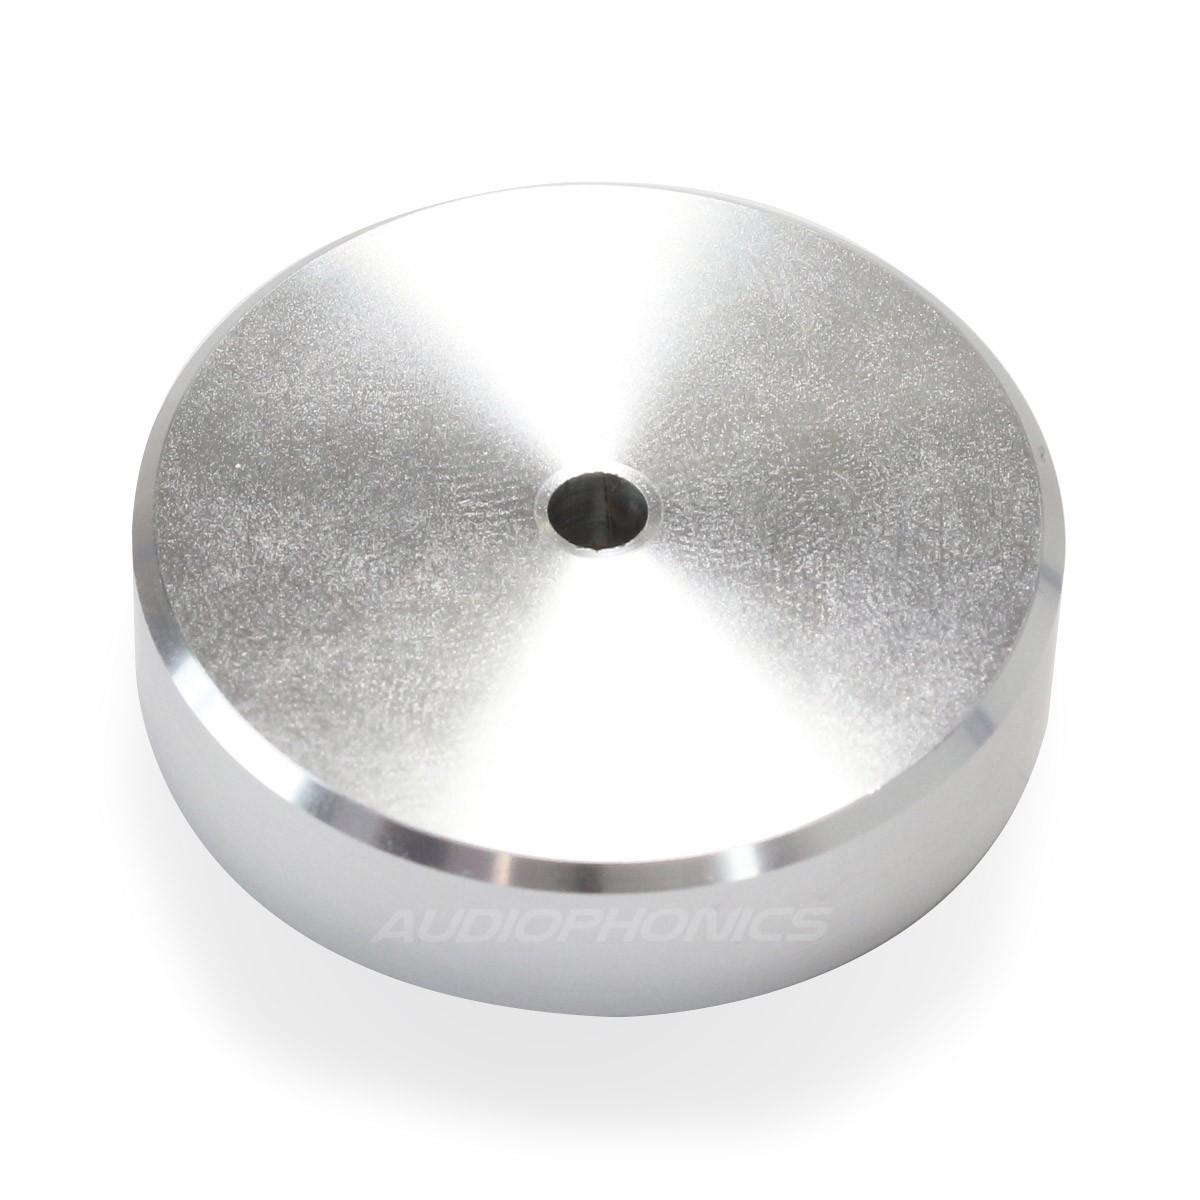 Aluminium Damping Foot 40x10mm (Unit)